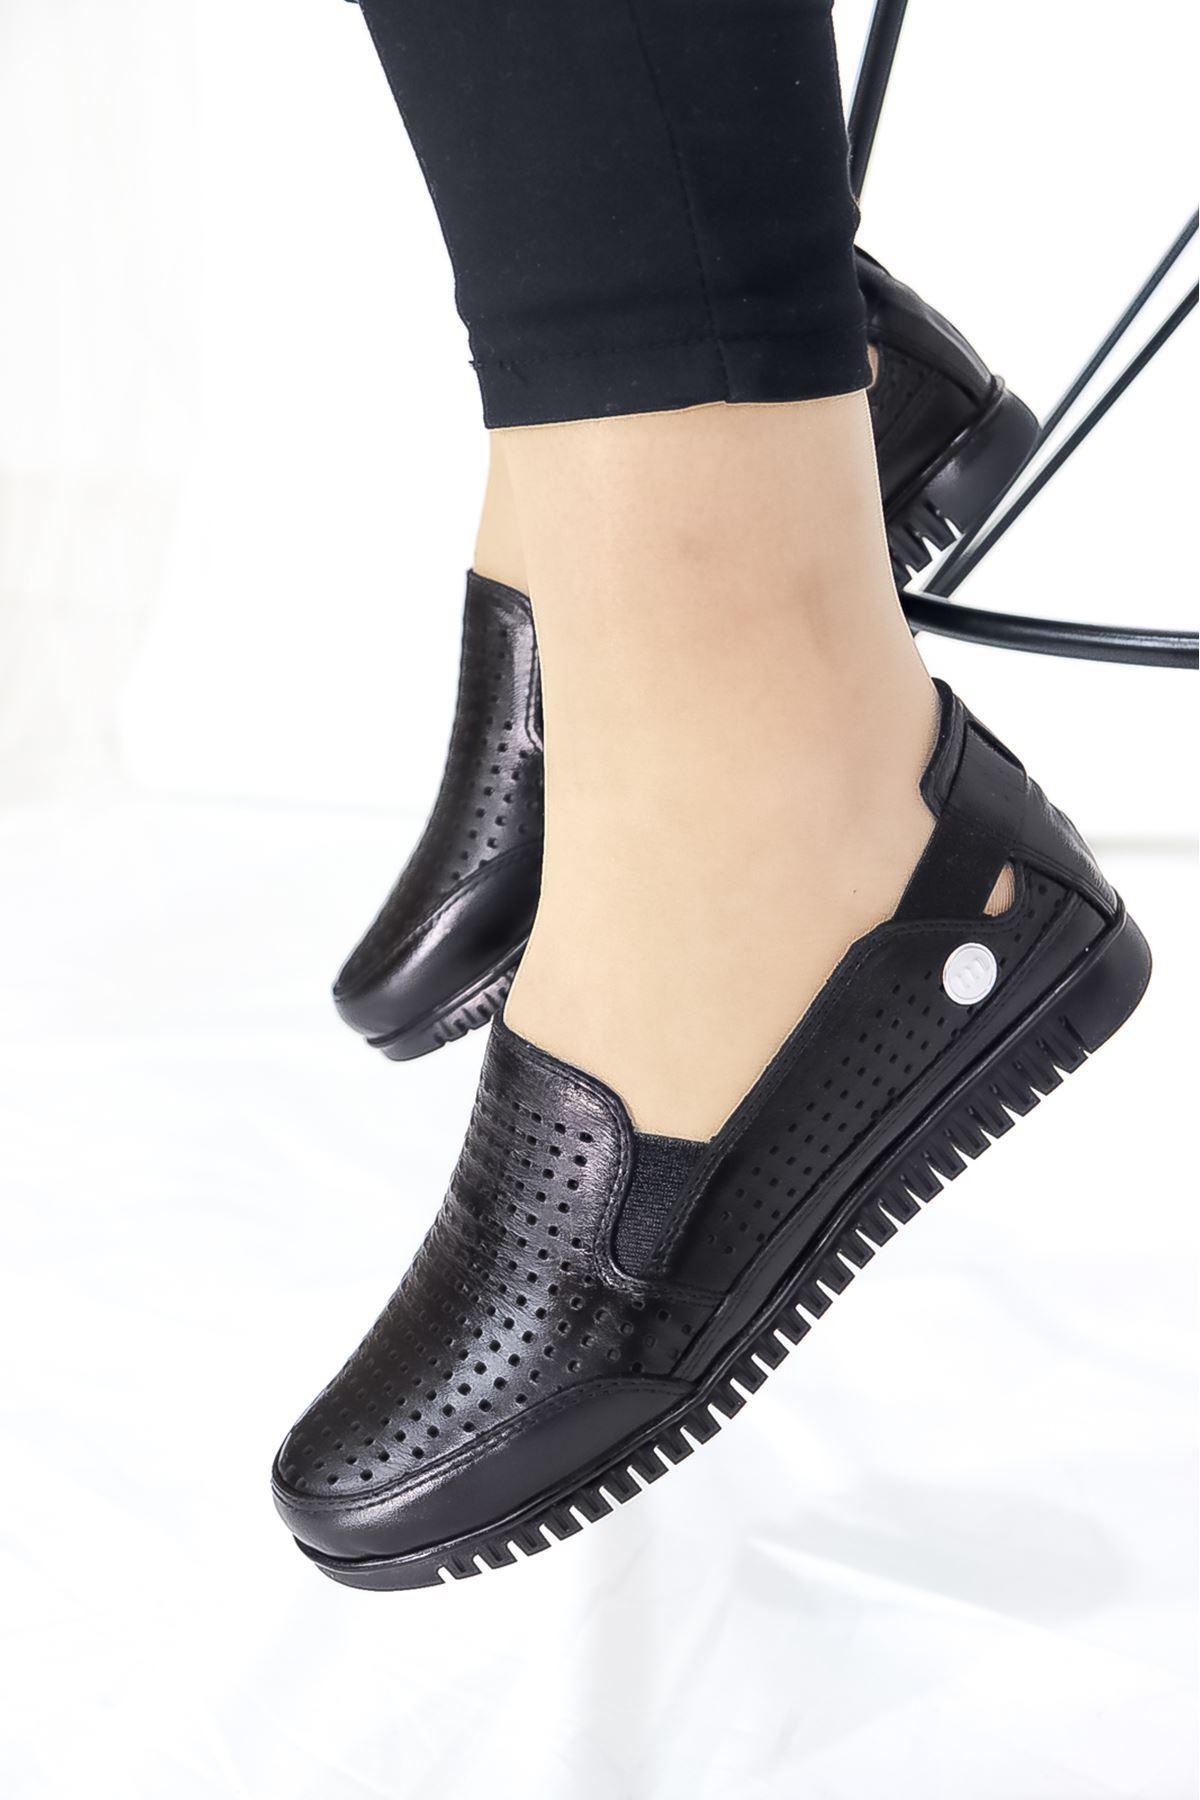 Mammamia - D21YA - 145-B Siyah Ortopedik Kadın Ayakkabısı